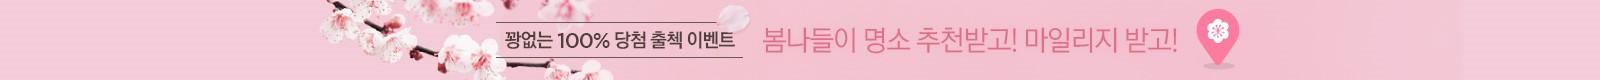 3월 벚꽃따라 출석체크